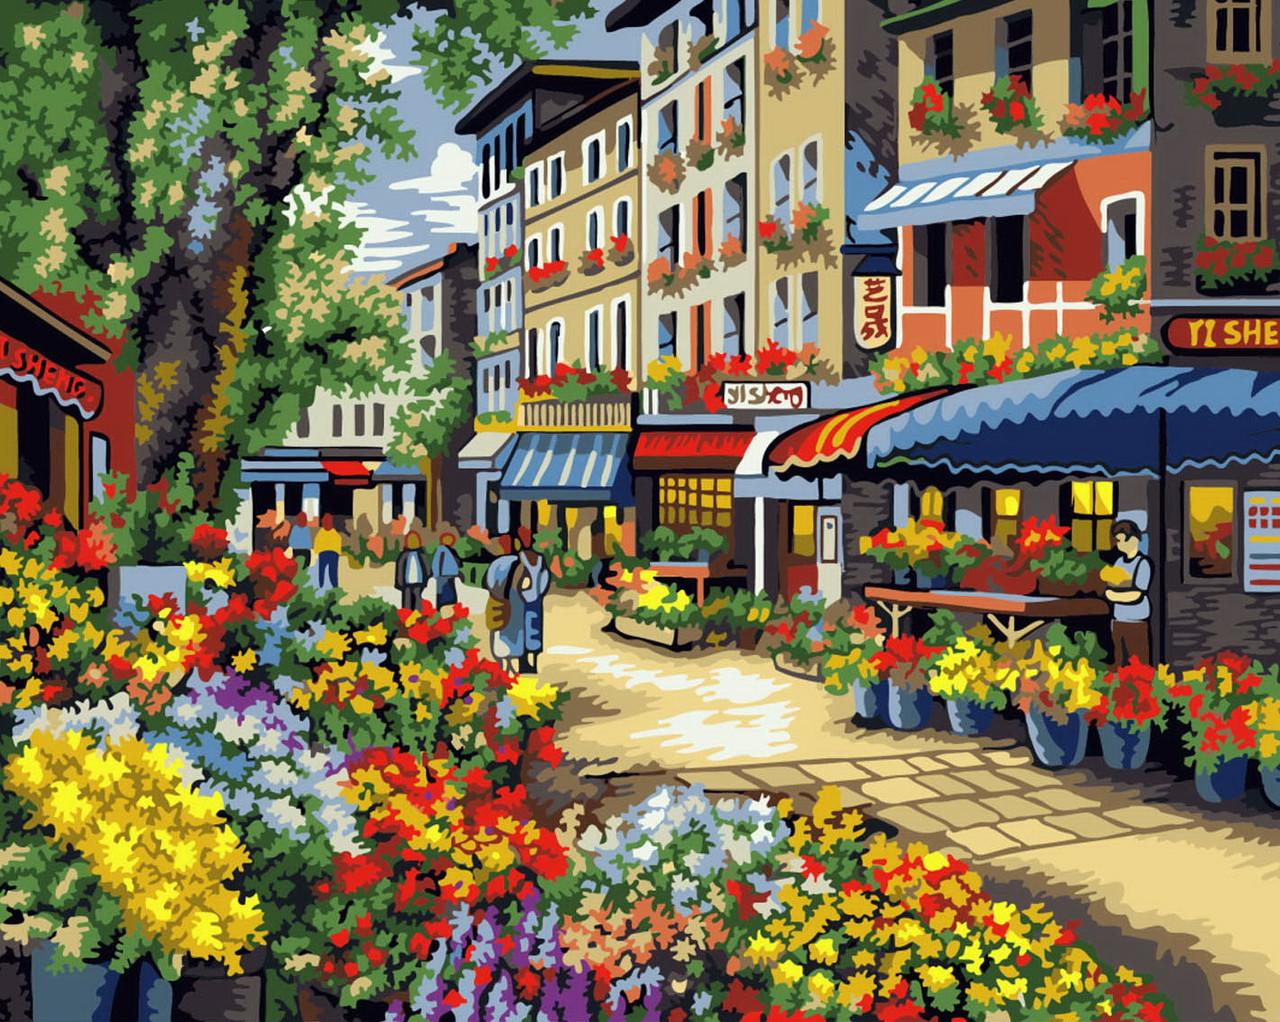 Картина по номерам Цветочная лавка 40х50 Yarik's (без коробки)